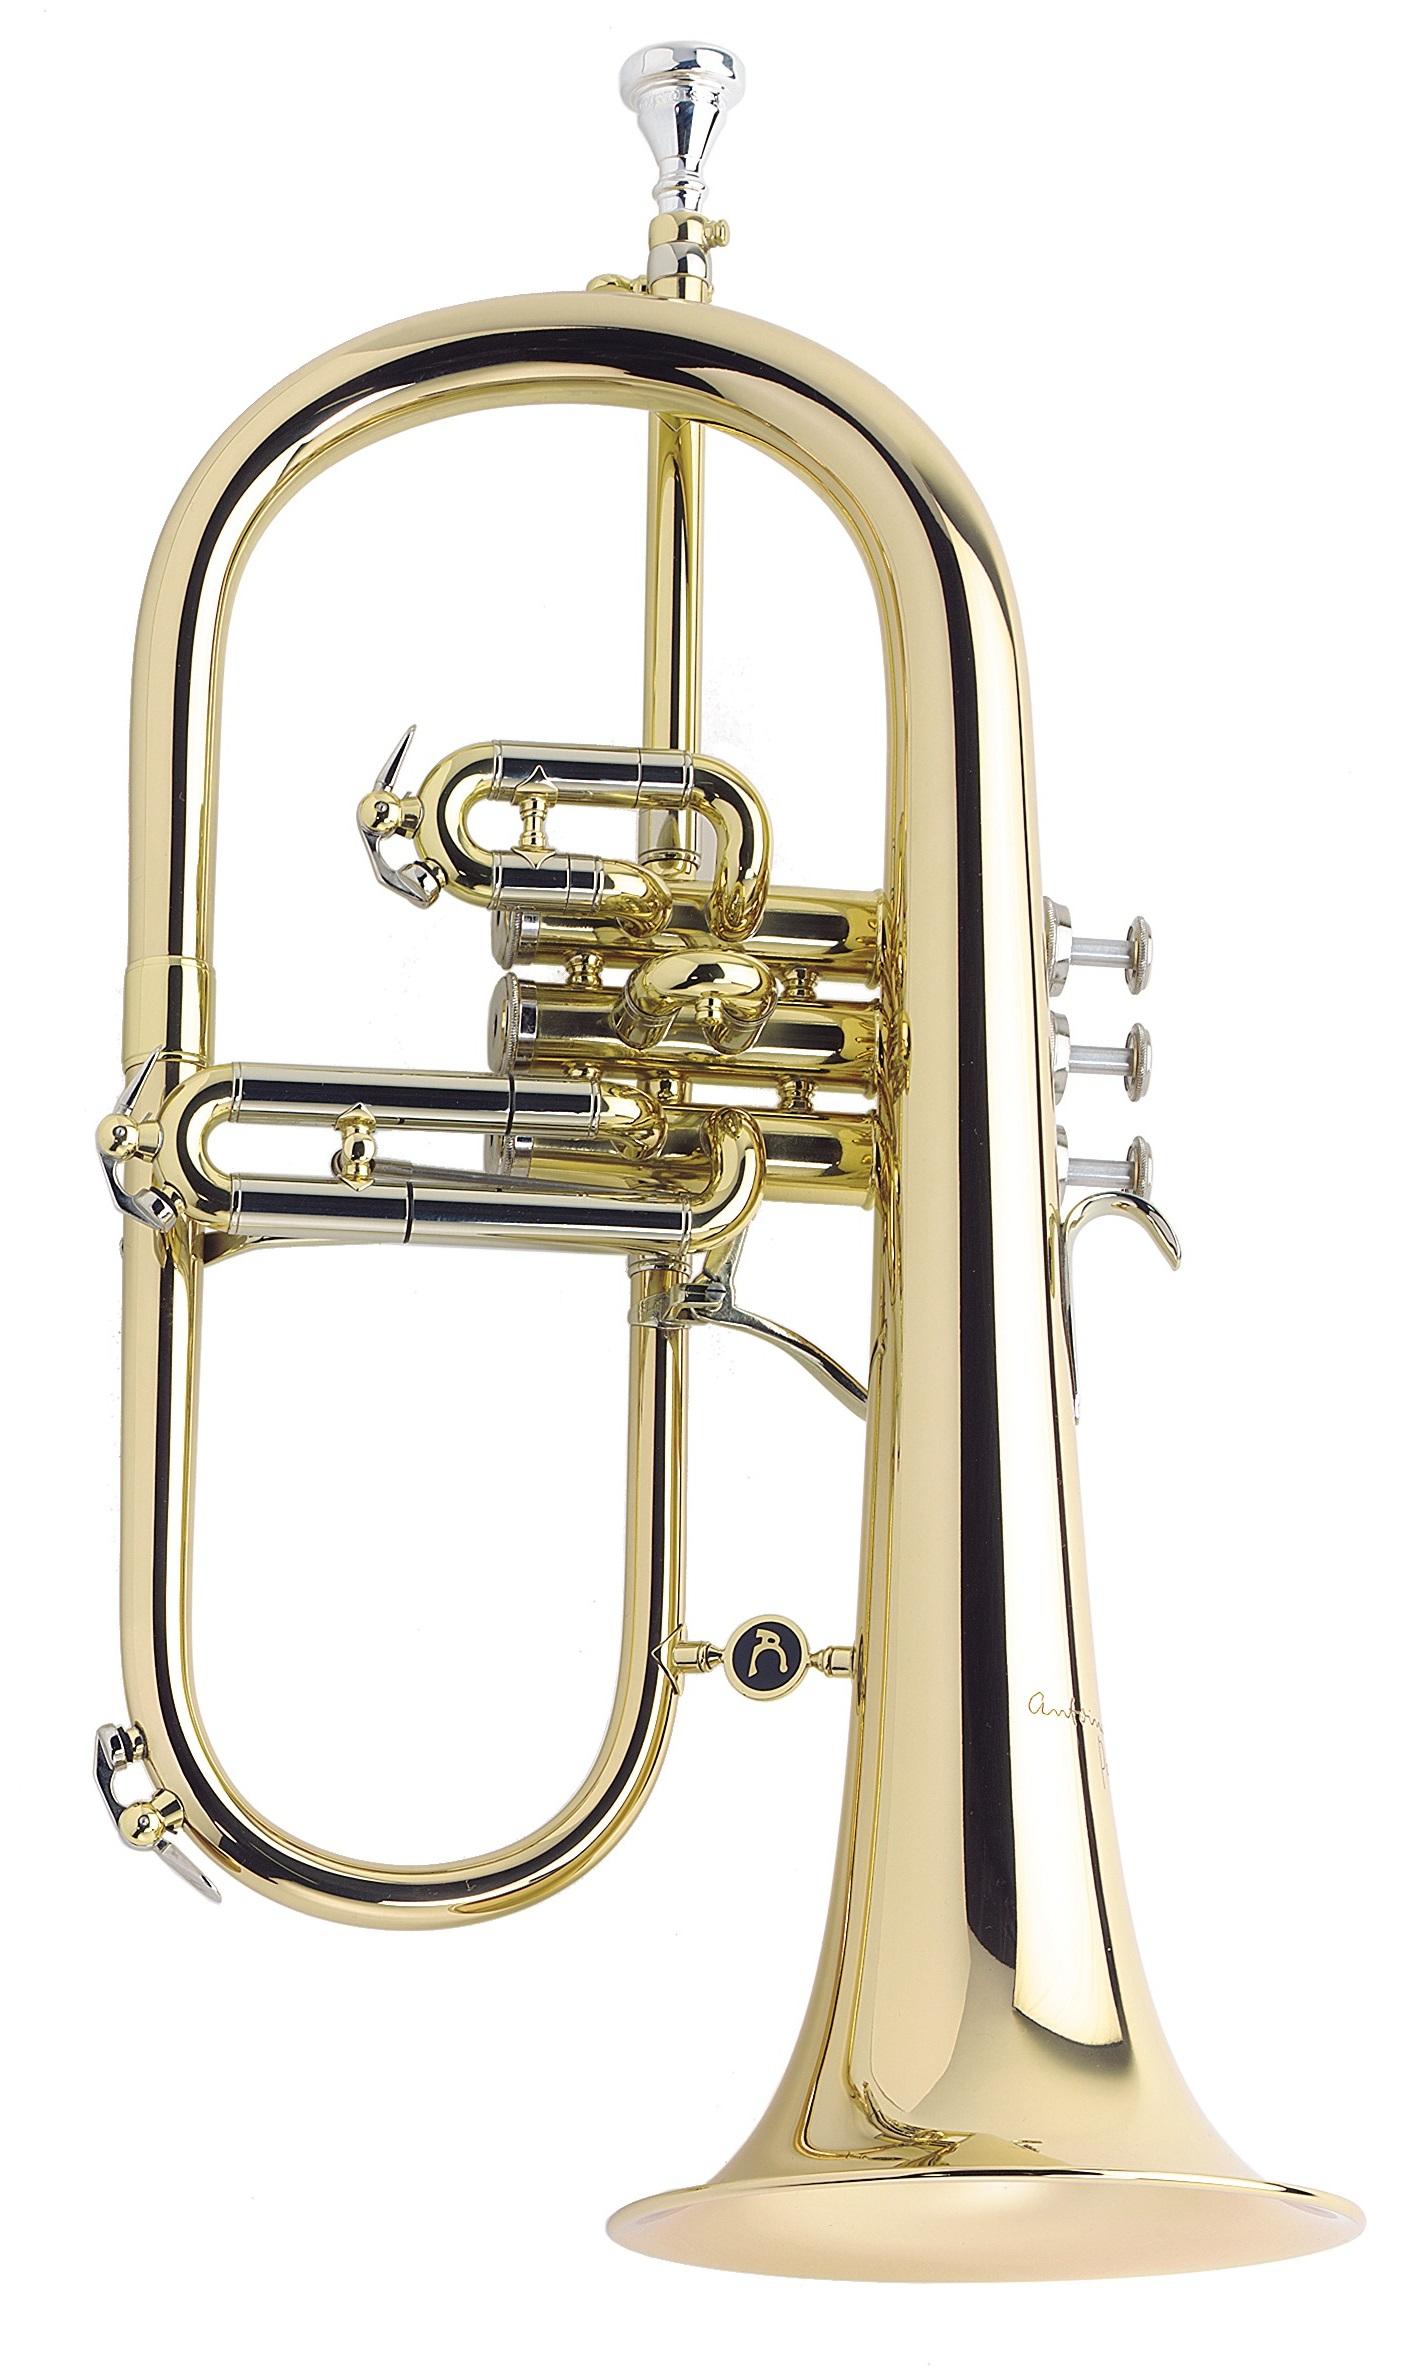 Courtois - AC - 159R - 1 - 0 - Blechblasinstrumente - Flügelhörner | MUSIK BERTRAM Deutschland Freiburg